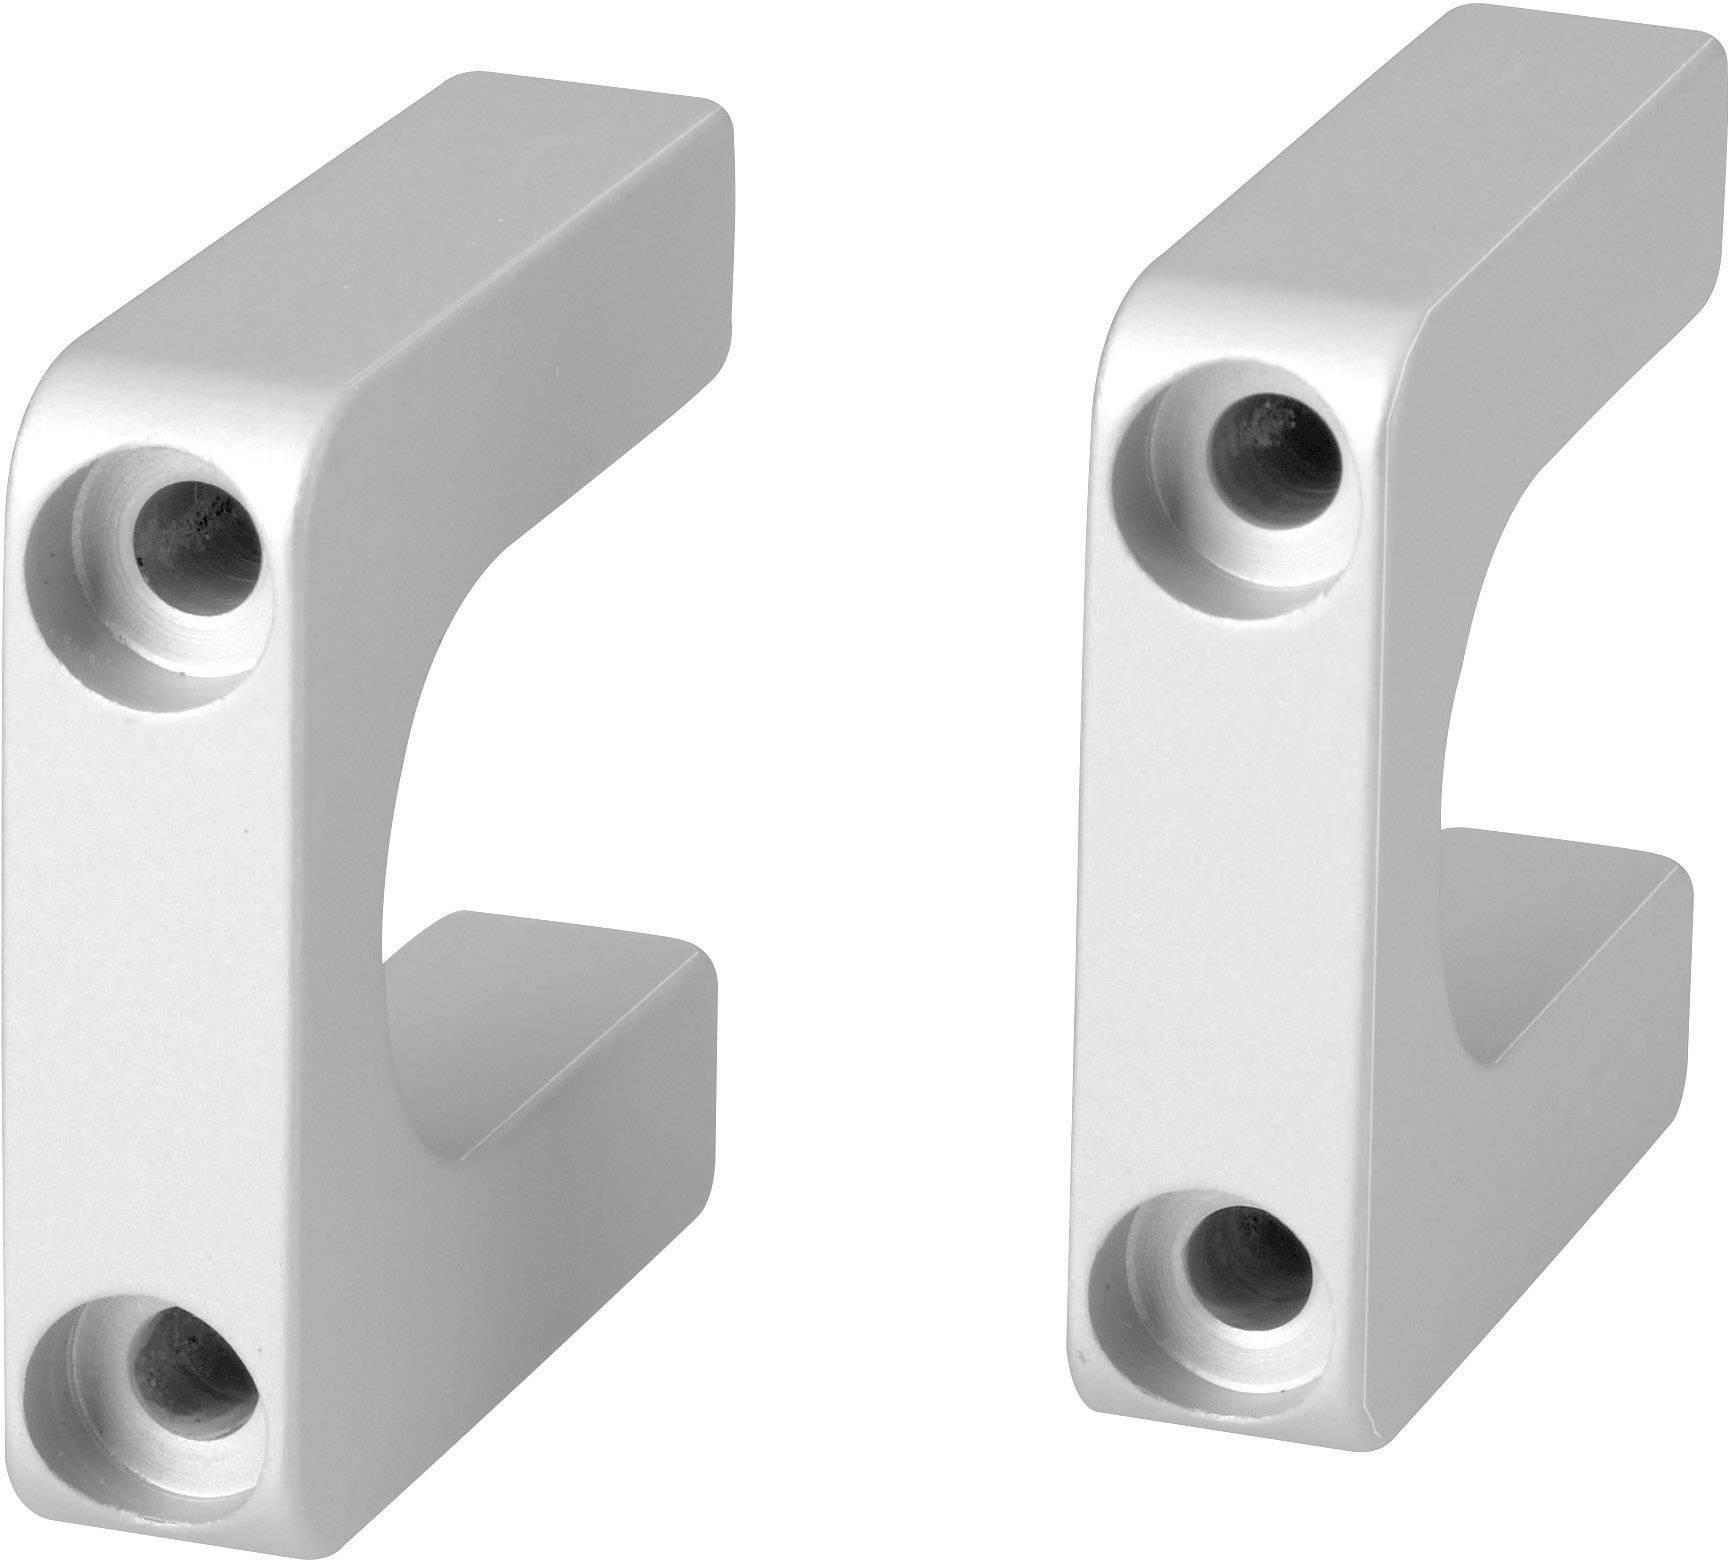 Rukoväť pre nosenie Schroff Multipac 20860-257, (d x š x v) 400 x 40 x 10 mm, umelá hmota, 1 ks